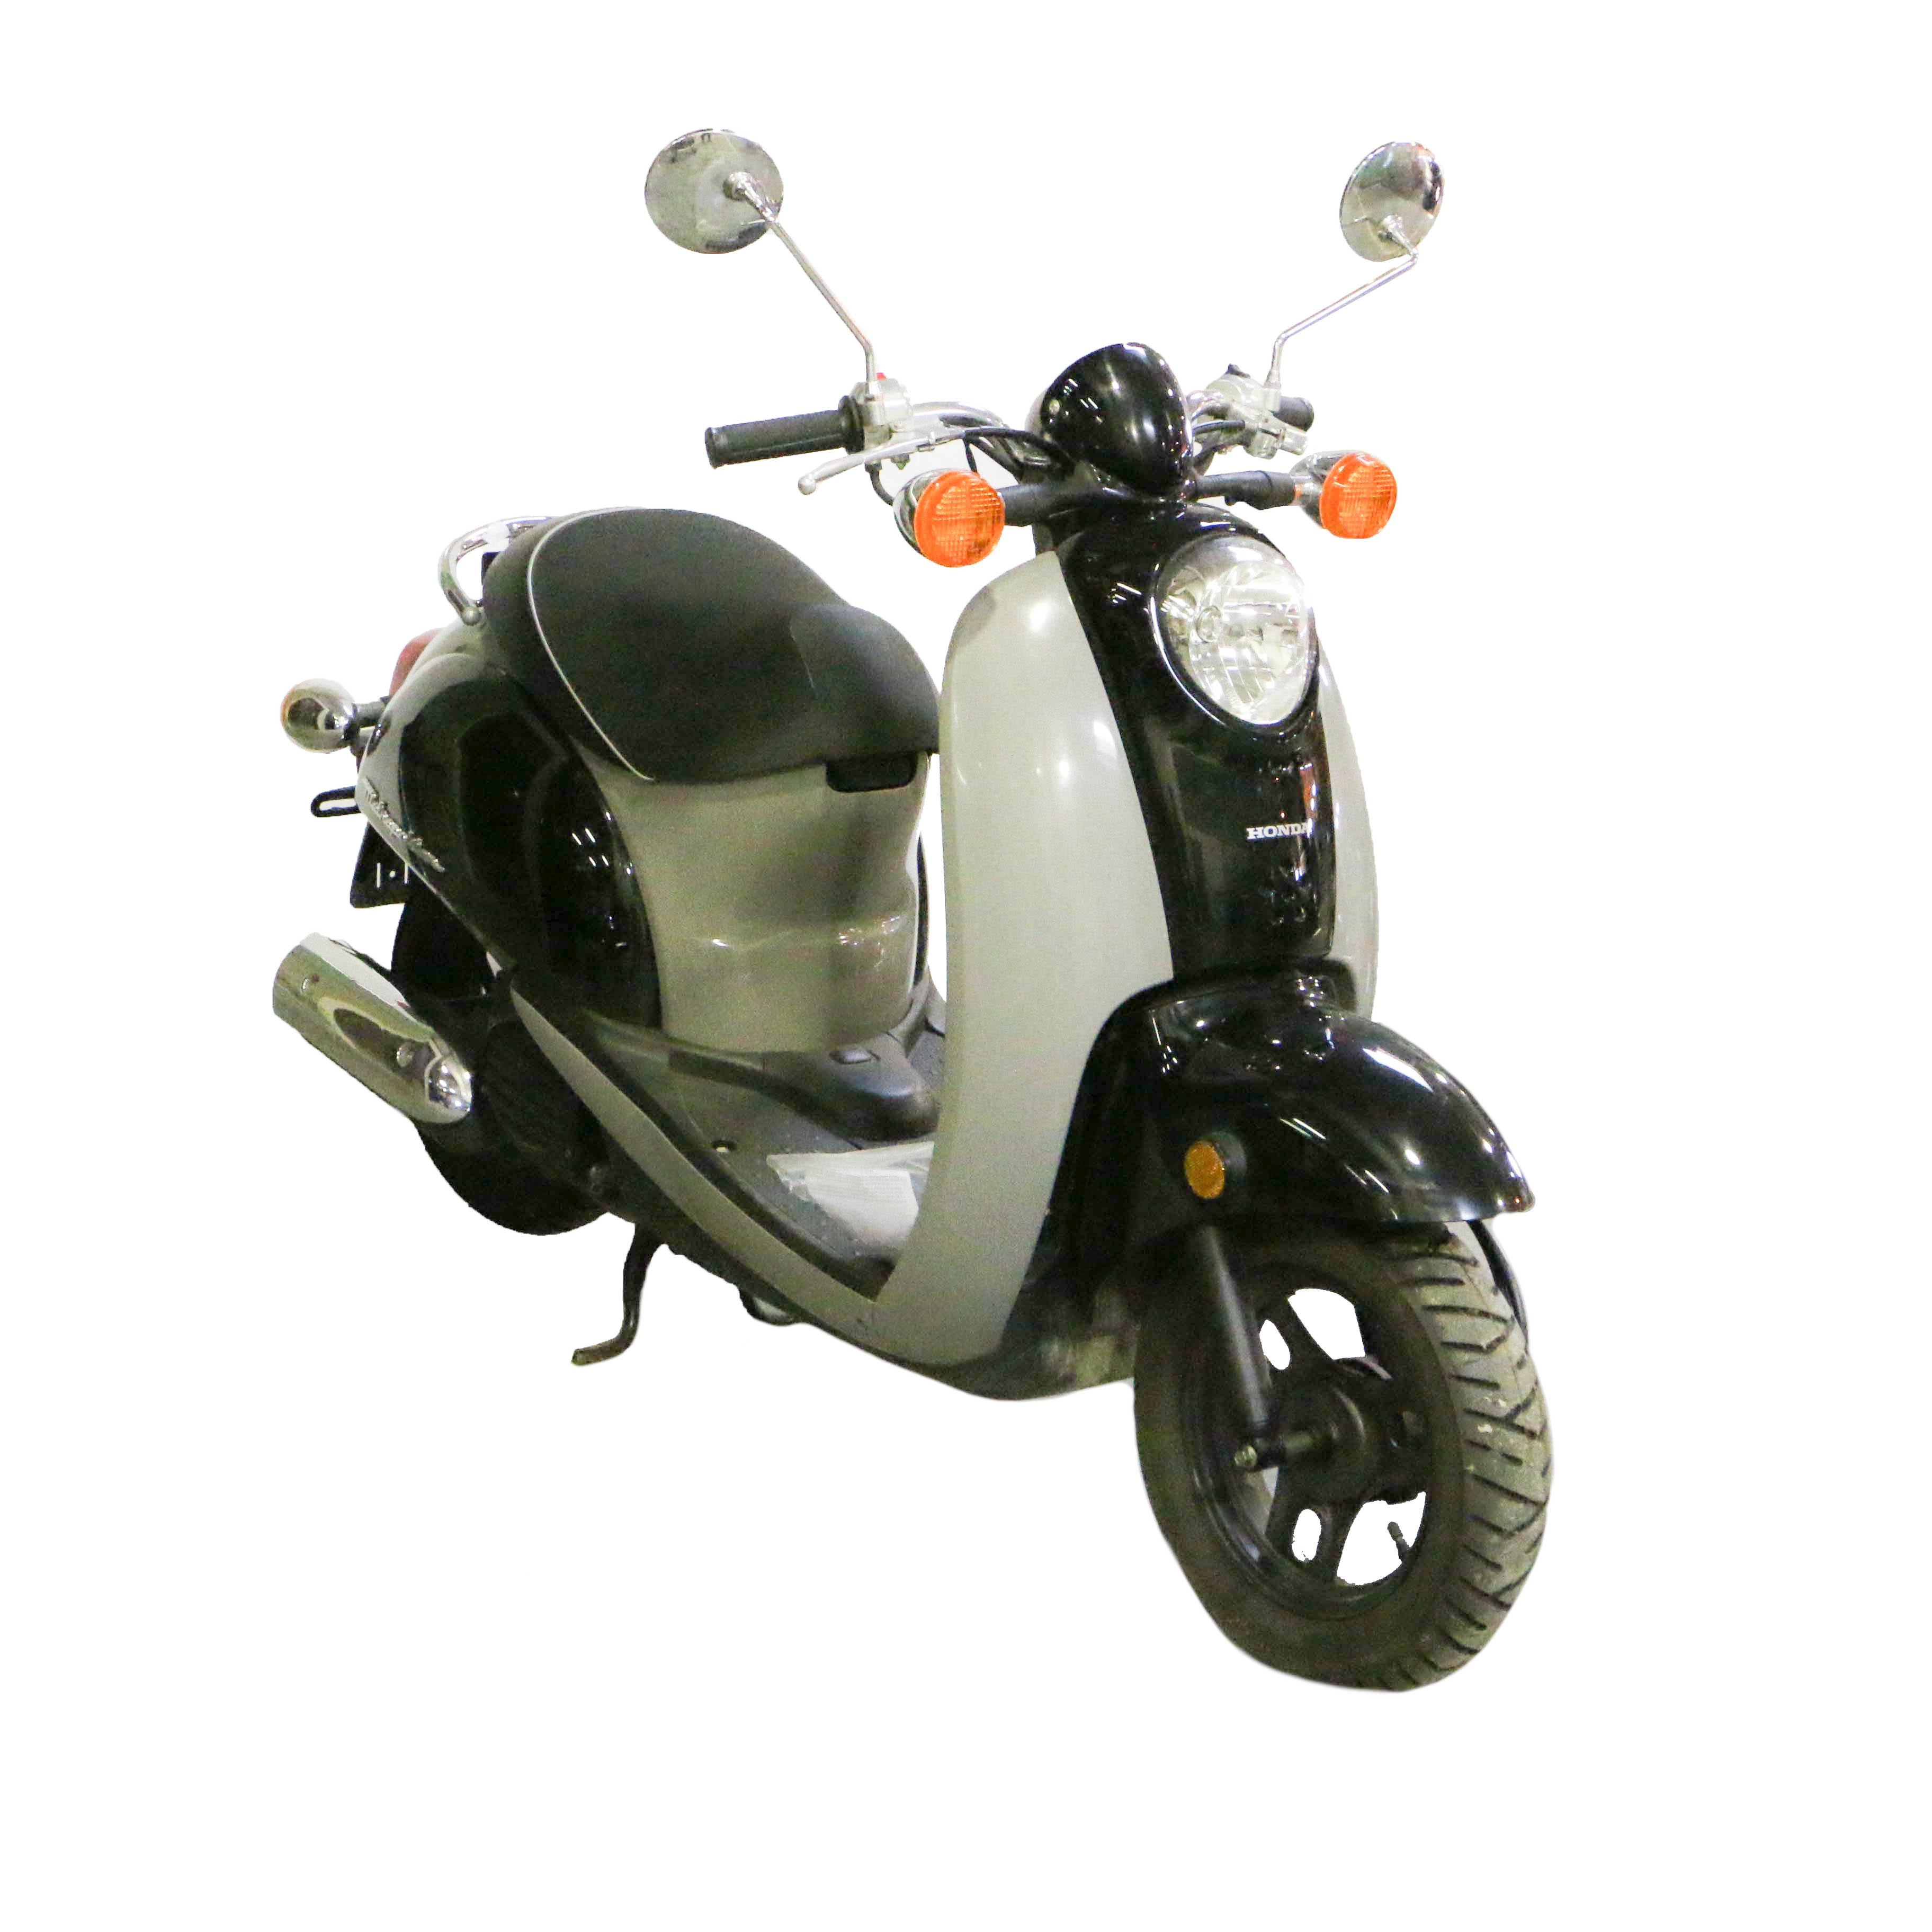 2008 Honda Metropolitan Scooter